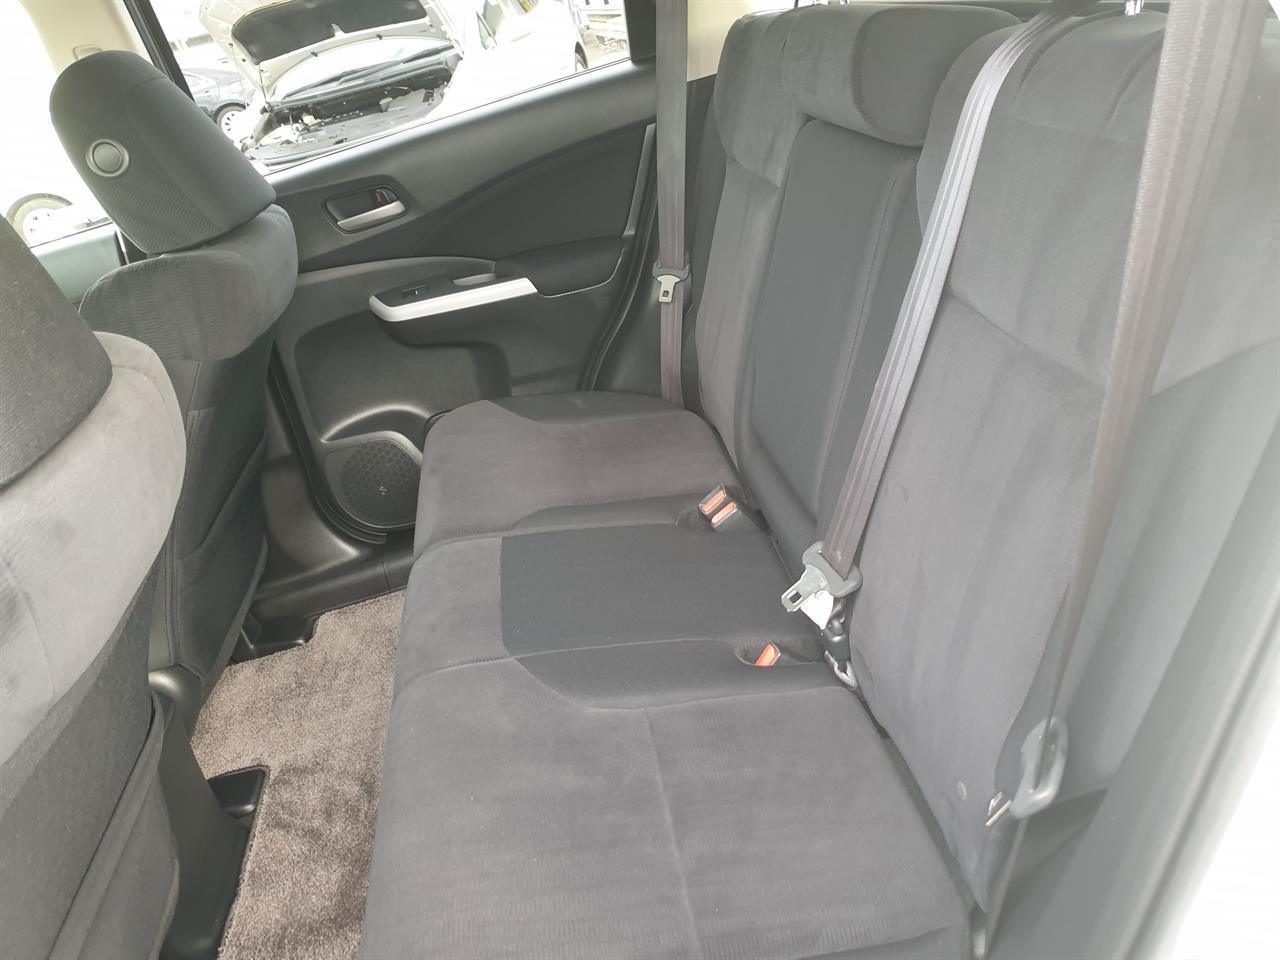 image-5, 2013 Honda CR-V 20G at Greymouth